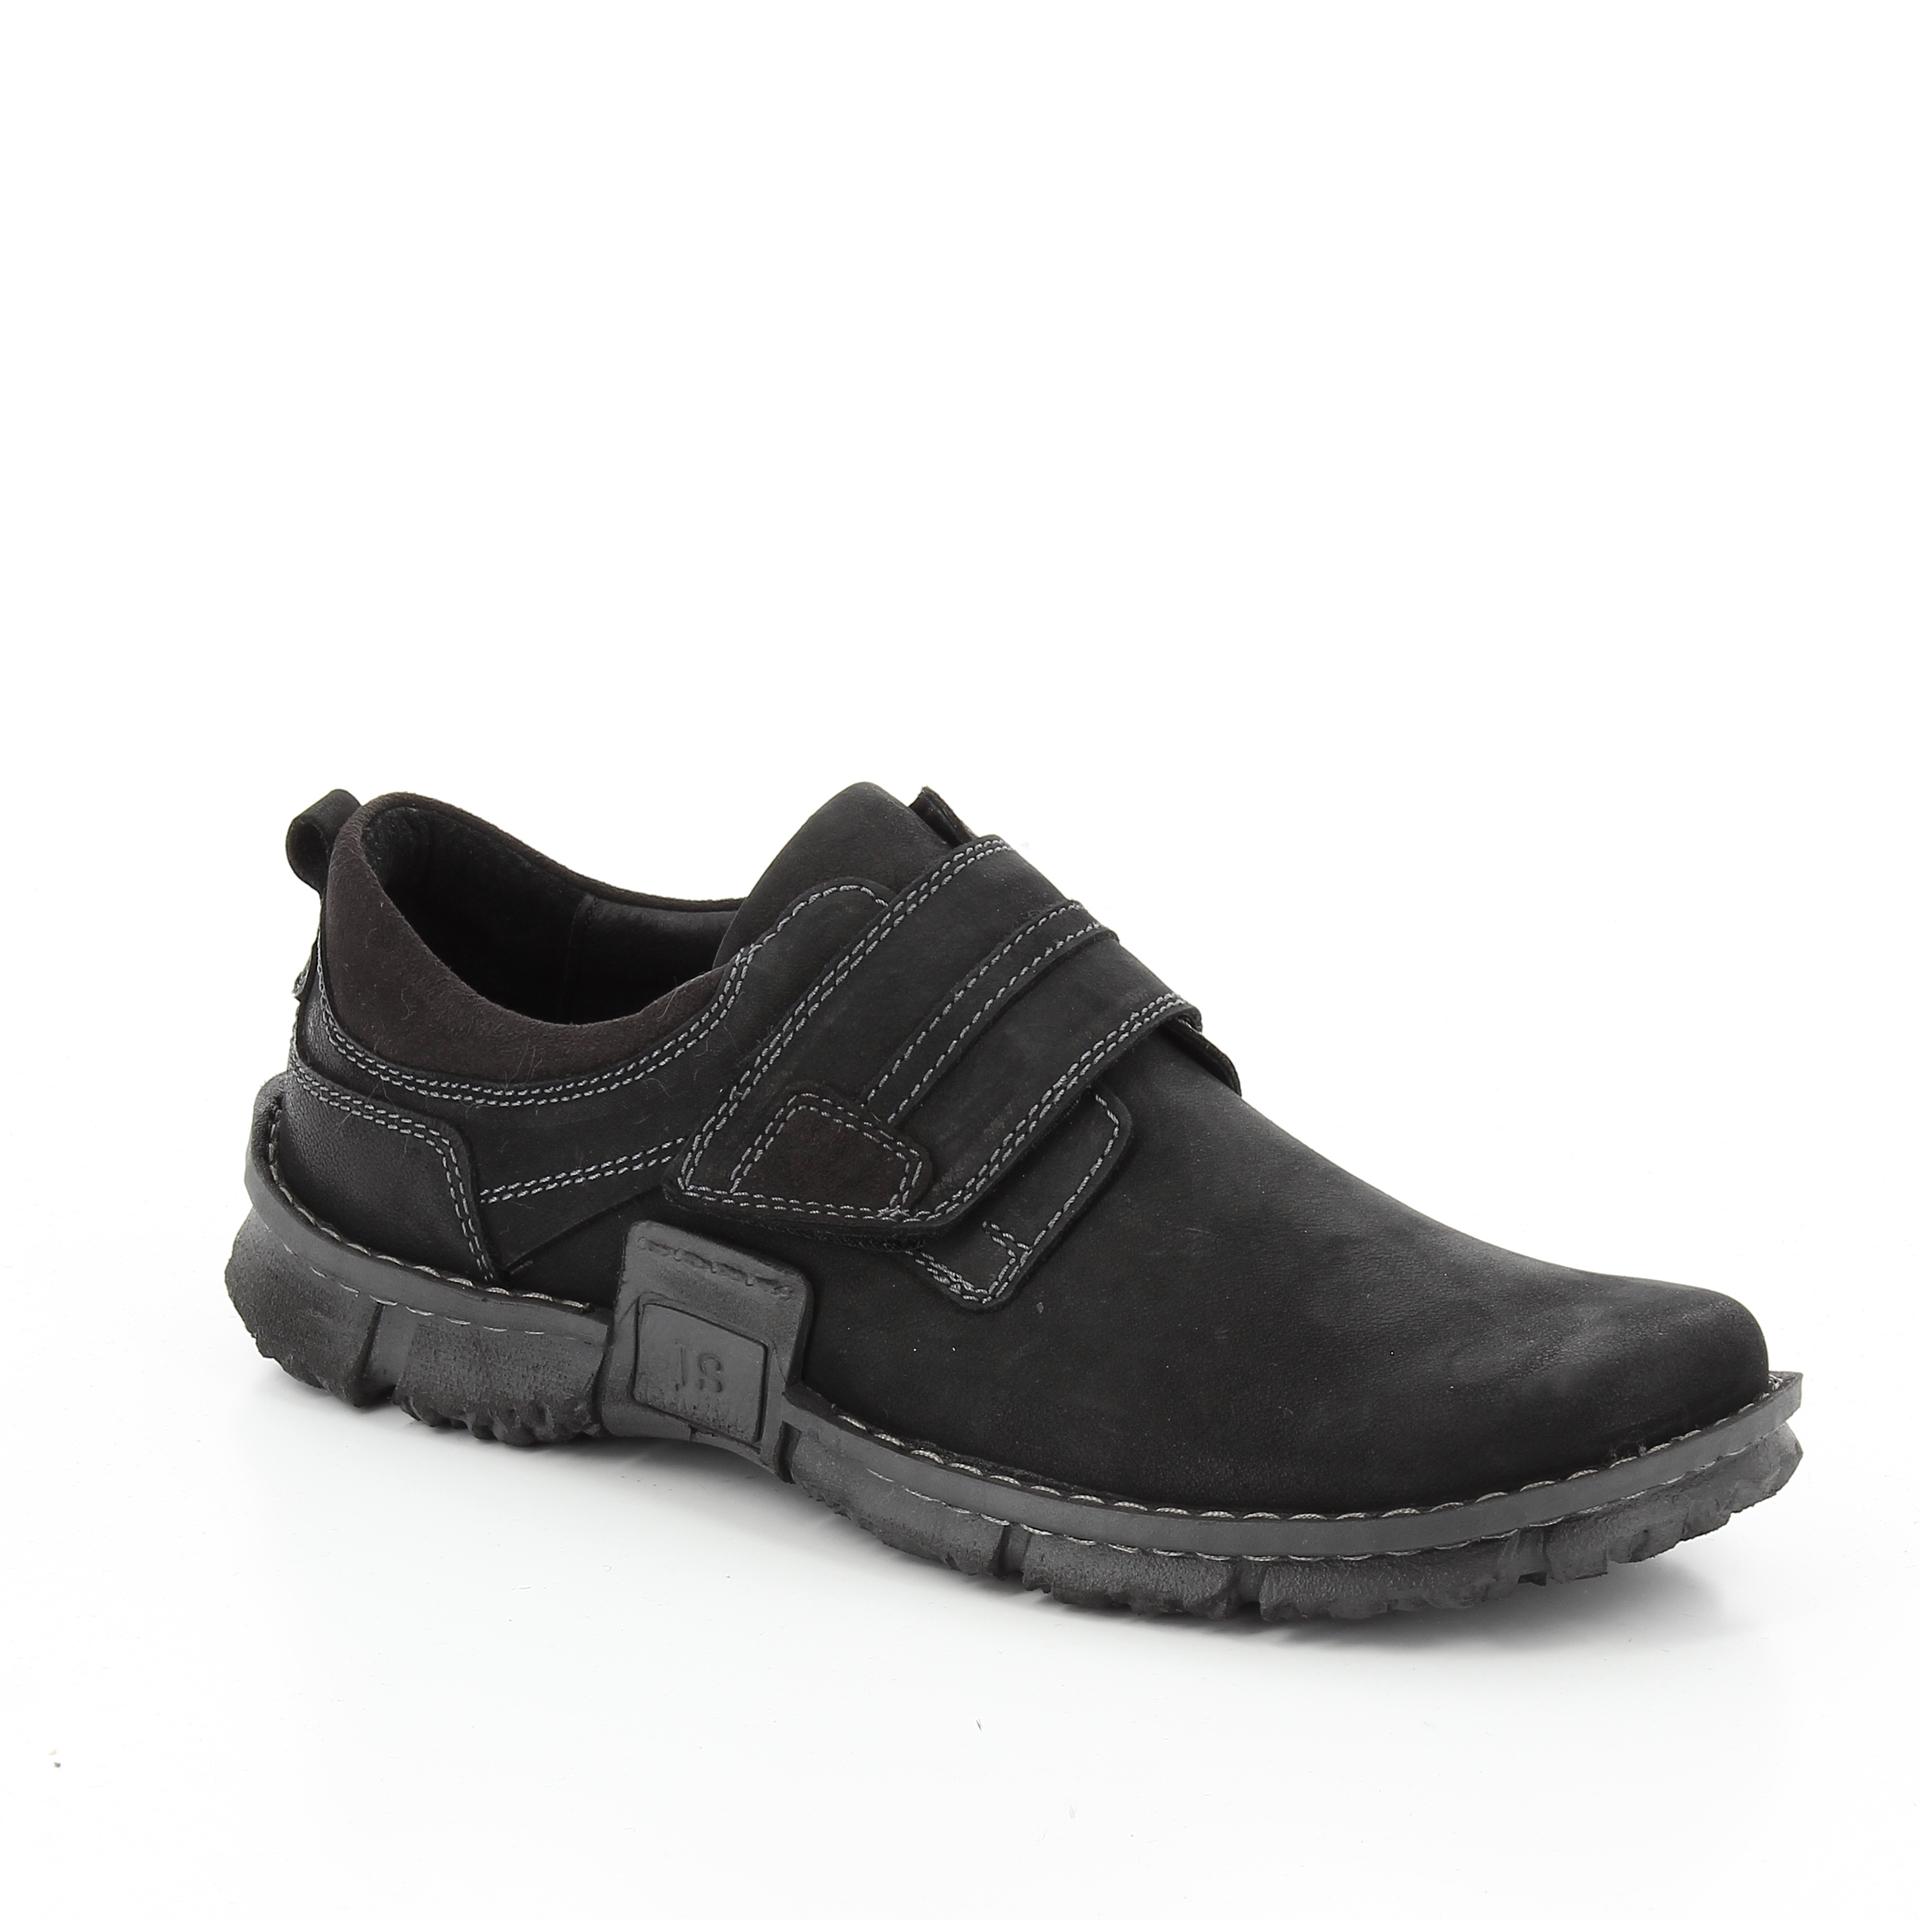 Bercolini Kényelmes cipők Josef Seibel, férfi fél bőr